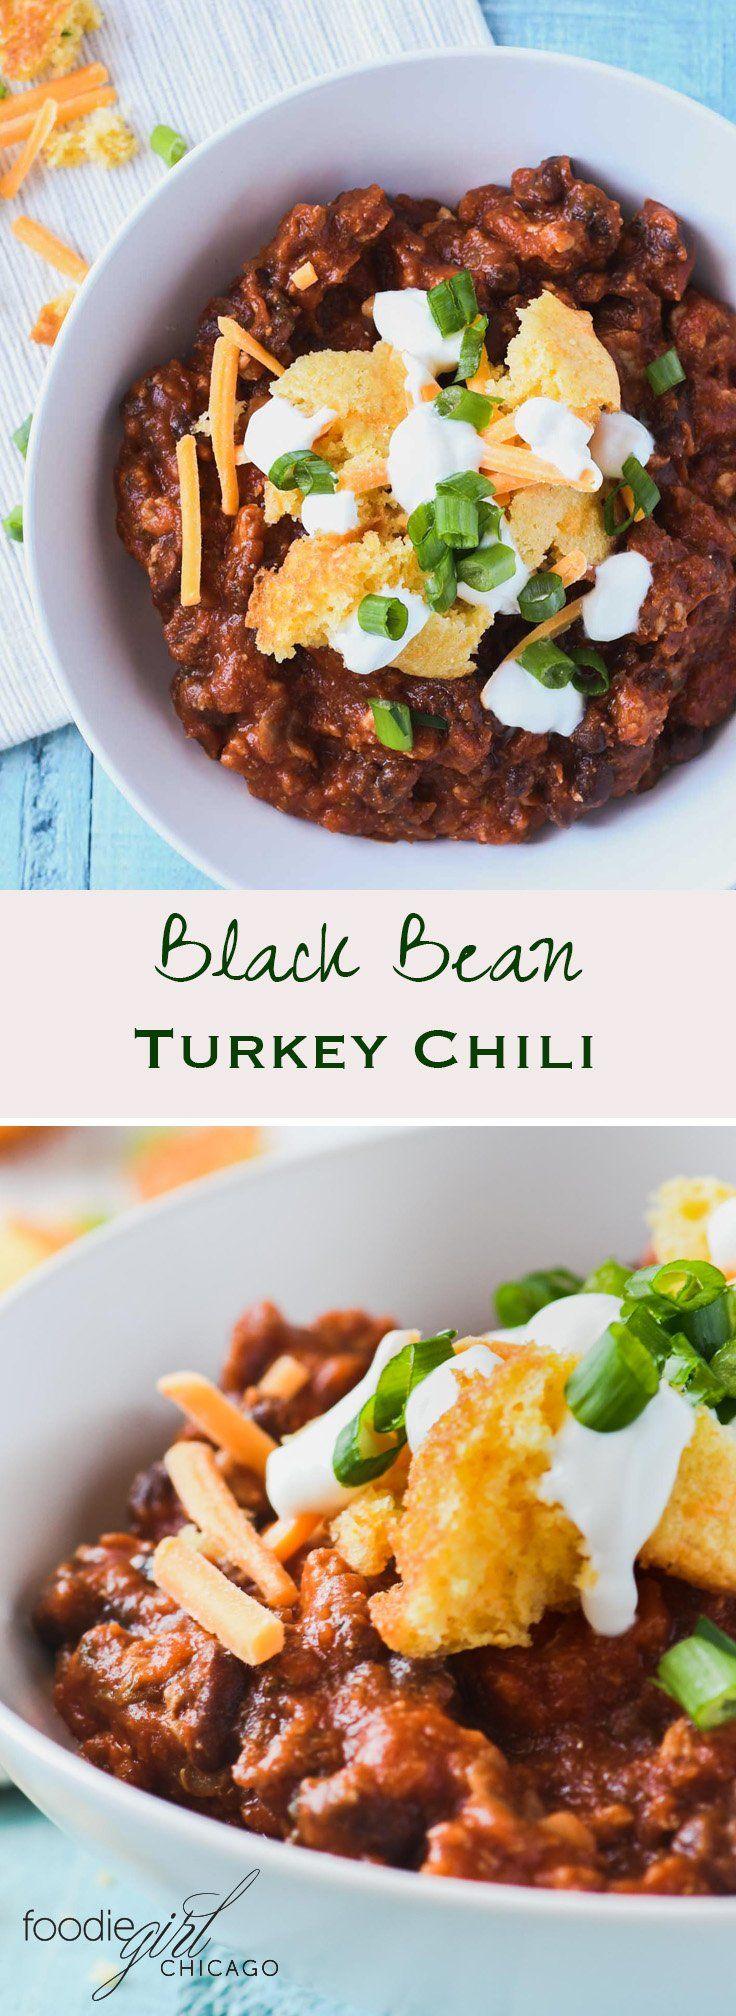 Black Bean Turkey Chili With Amber Ale Recipe Chili Recipes Recipes Turkey Chili